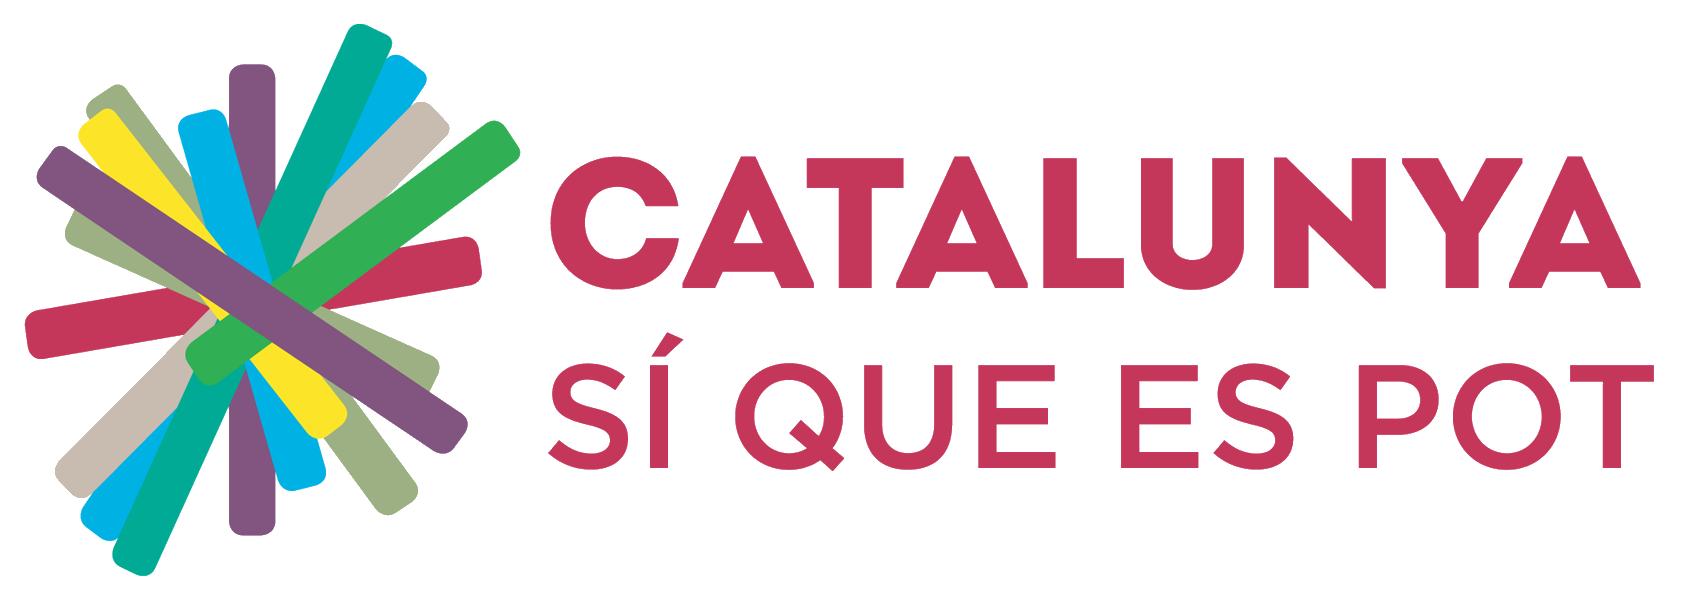 Govern | Projecte de Llei pel qual els habitatges buits, propietat d'entitats bancàries, passen a ser propietat pública.  Logotip_Catalunya_S%C3%AD_que_es_pot